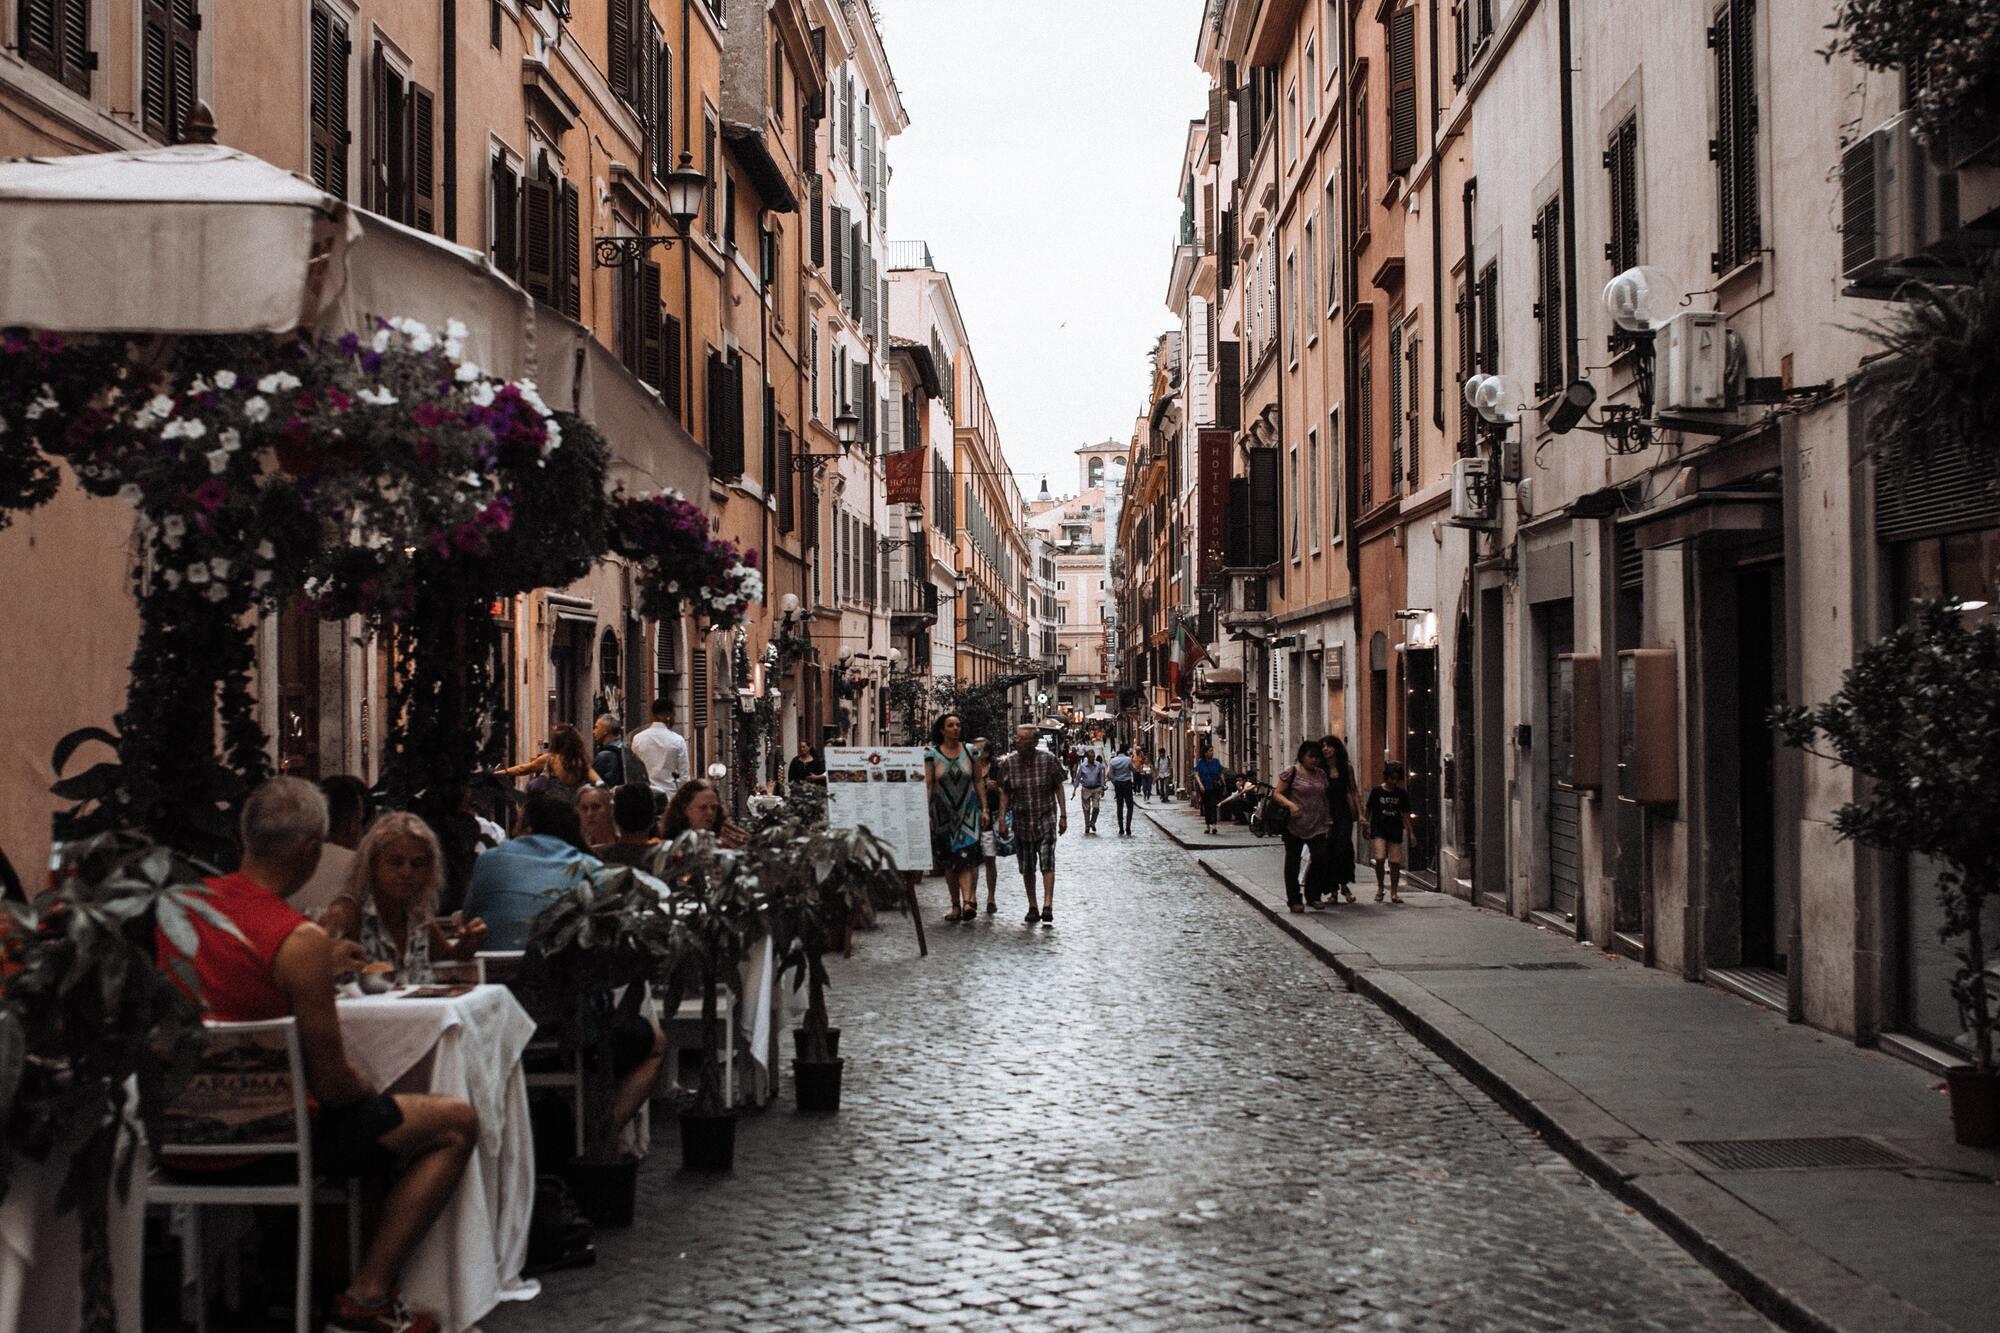 В итальянских ресторанах или кафе нельзя заказывать капучино после обеда или ужина.